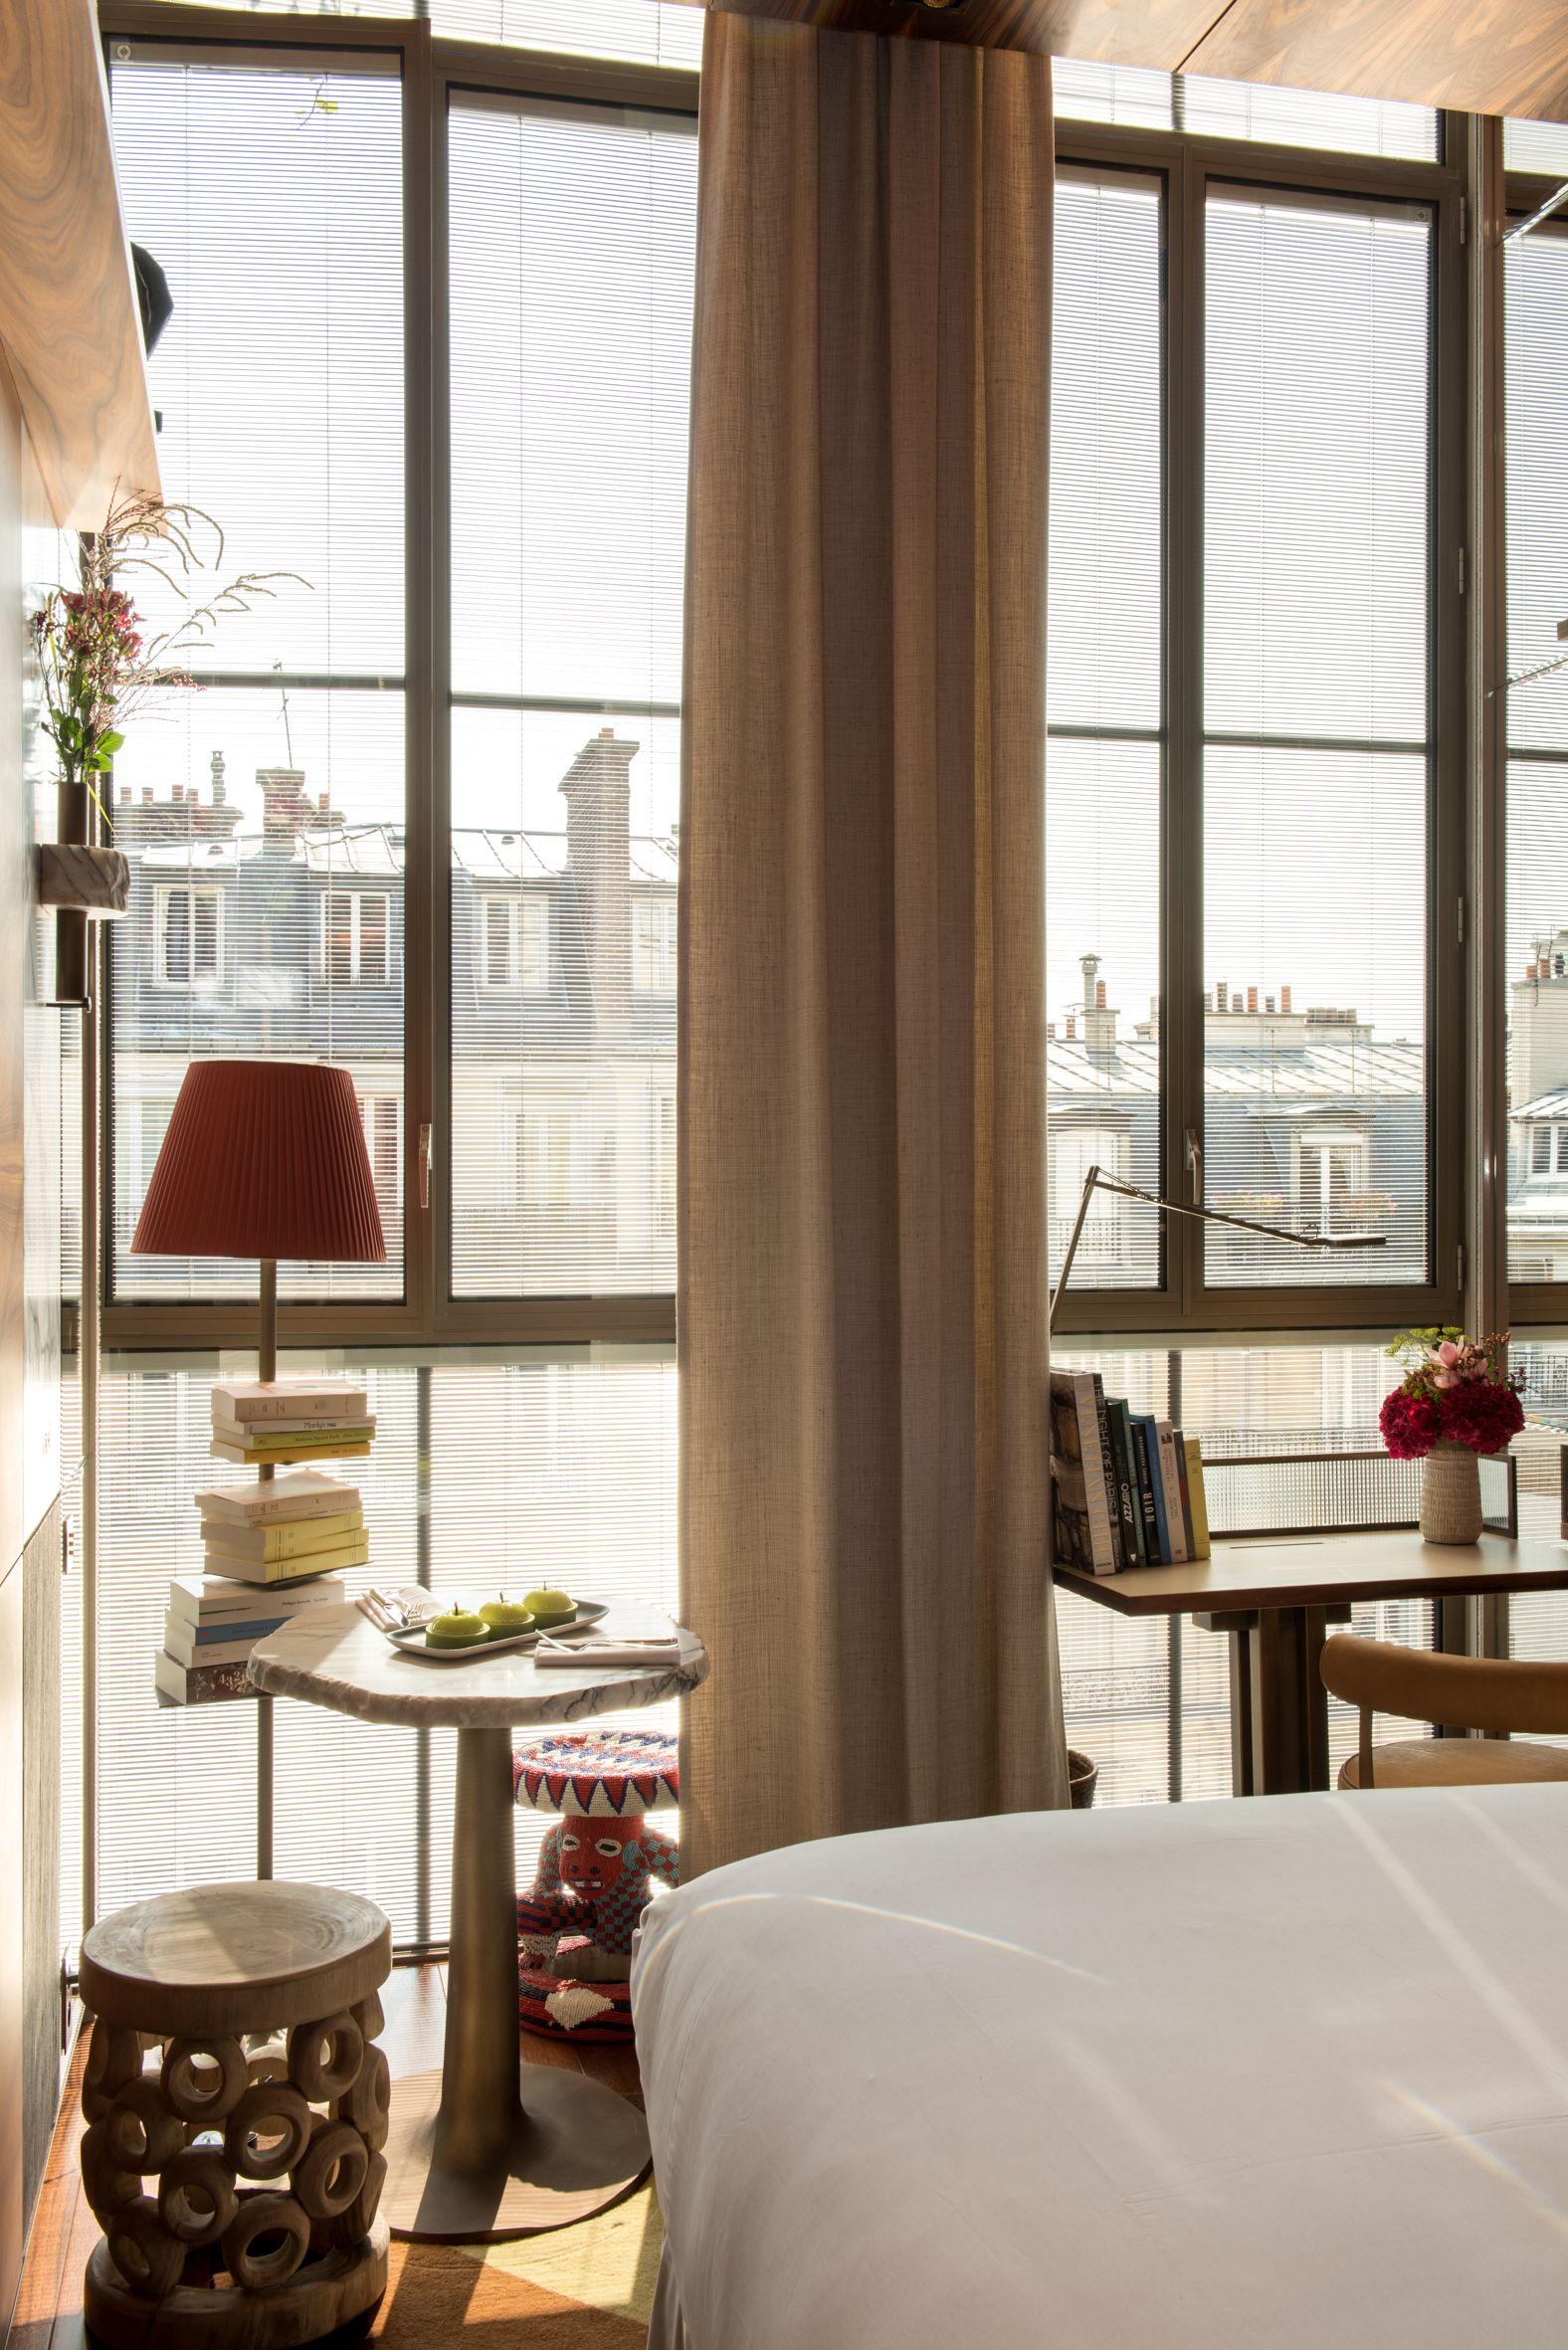 Brach, 1-7 rue Richepin, Parigi, design di Philippe Starck